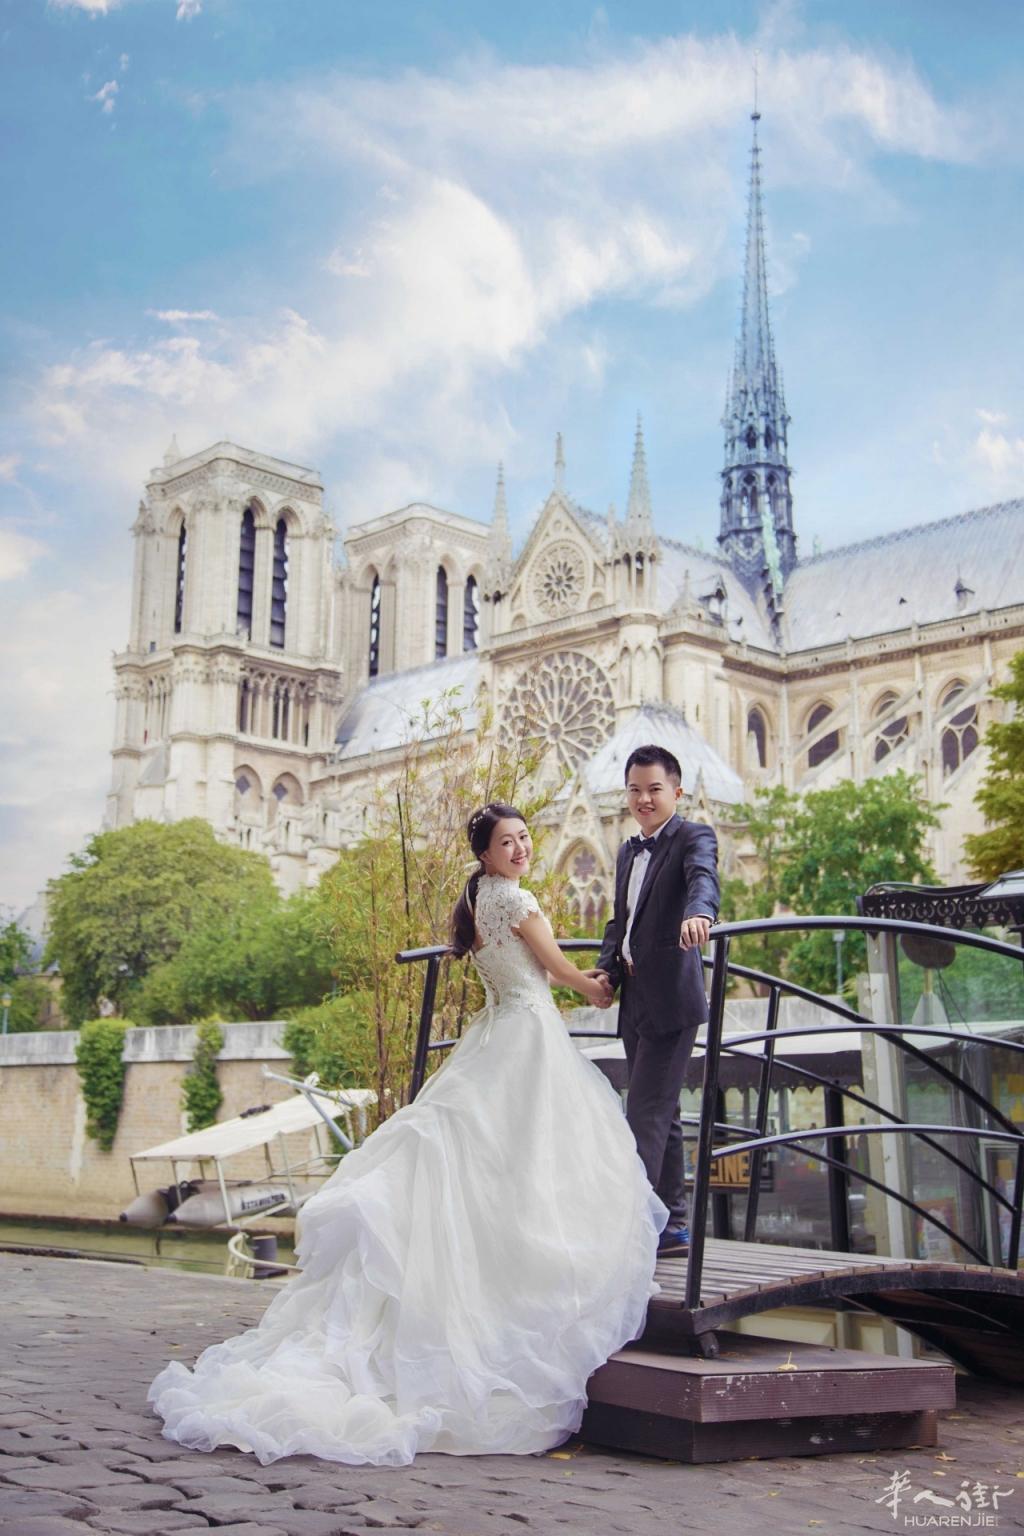 巴黎圣母院/埃菲尔铁塔/塞纳河艺术桥/亚历山大